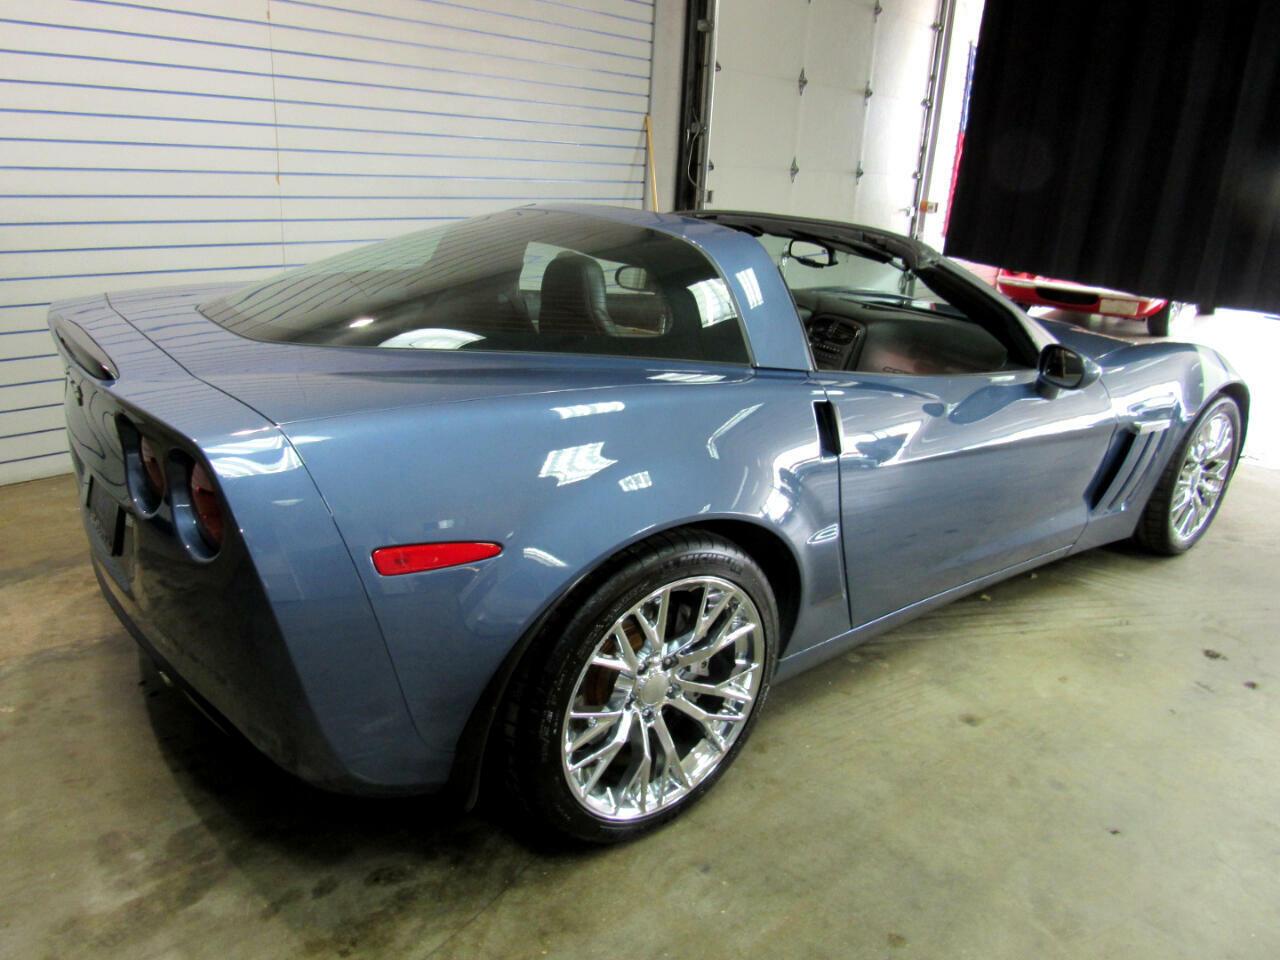 2011 Blue Chevrolet Corvette Coupe 3LT   C6 Corvette Photo 5